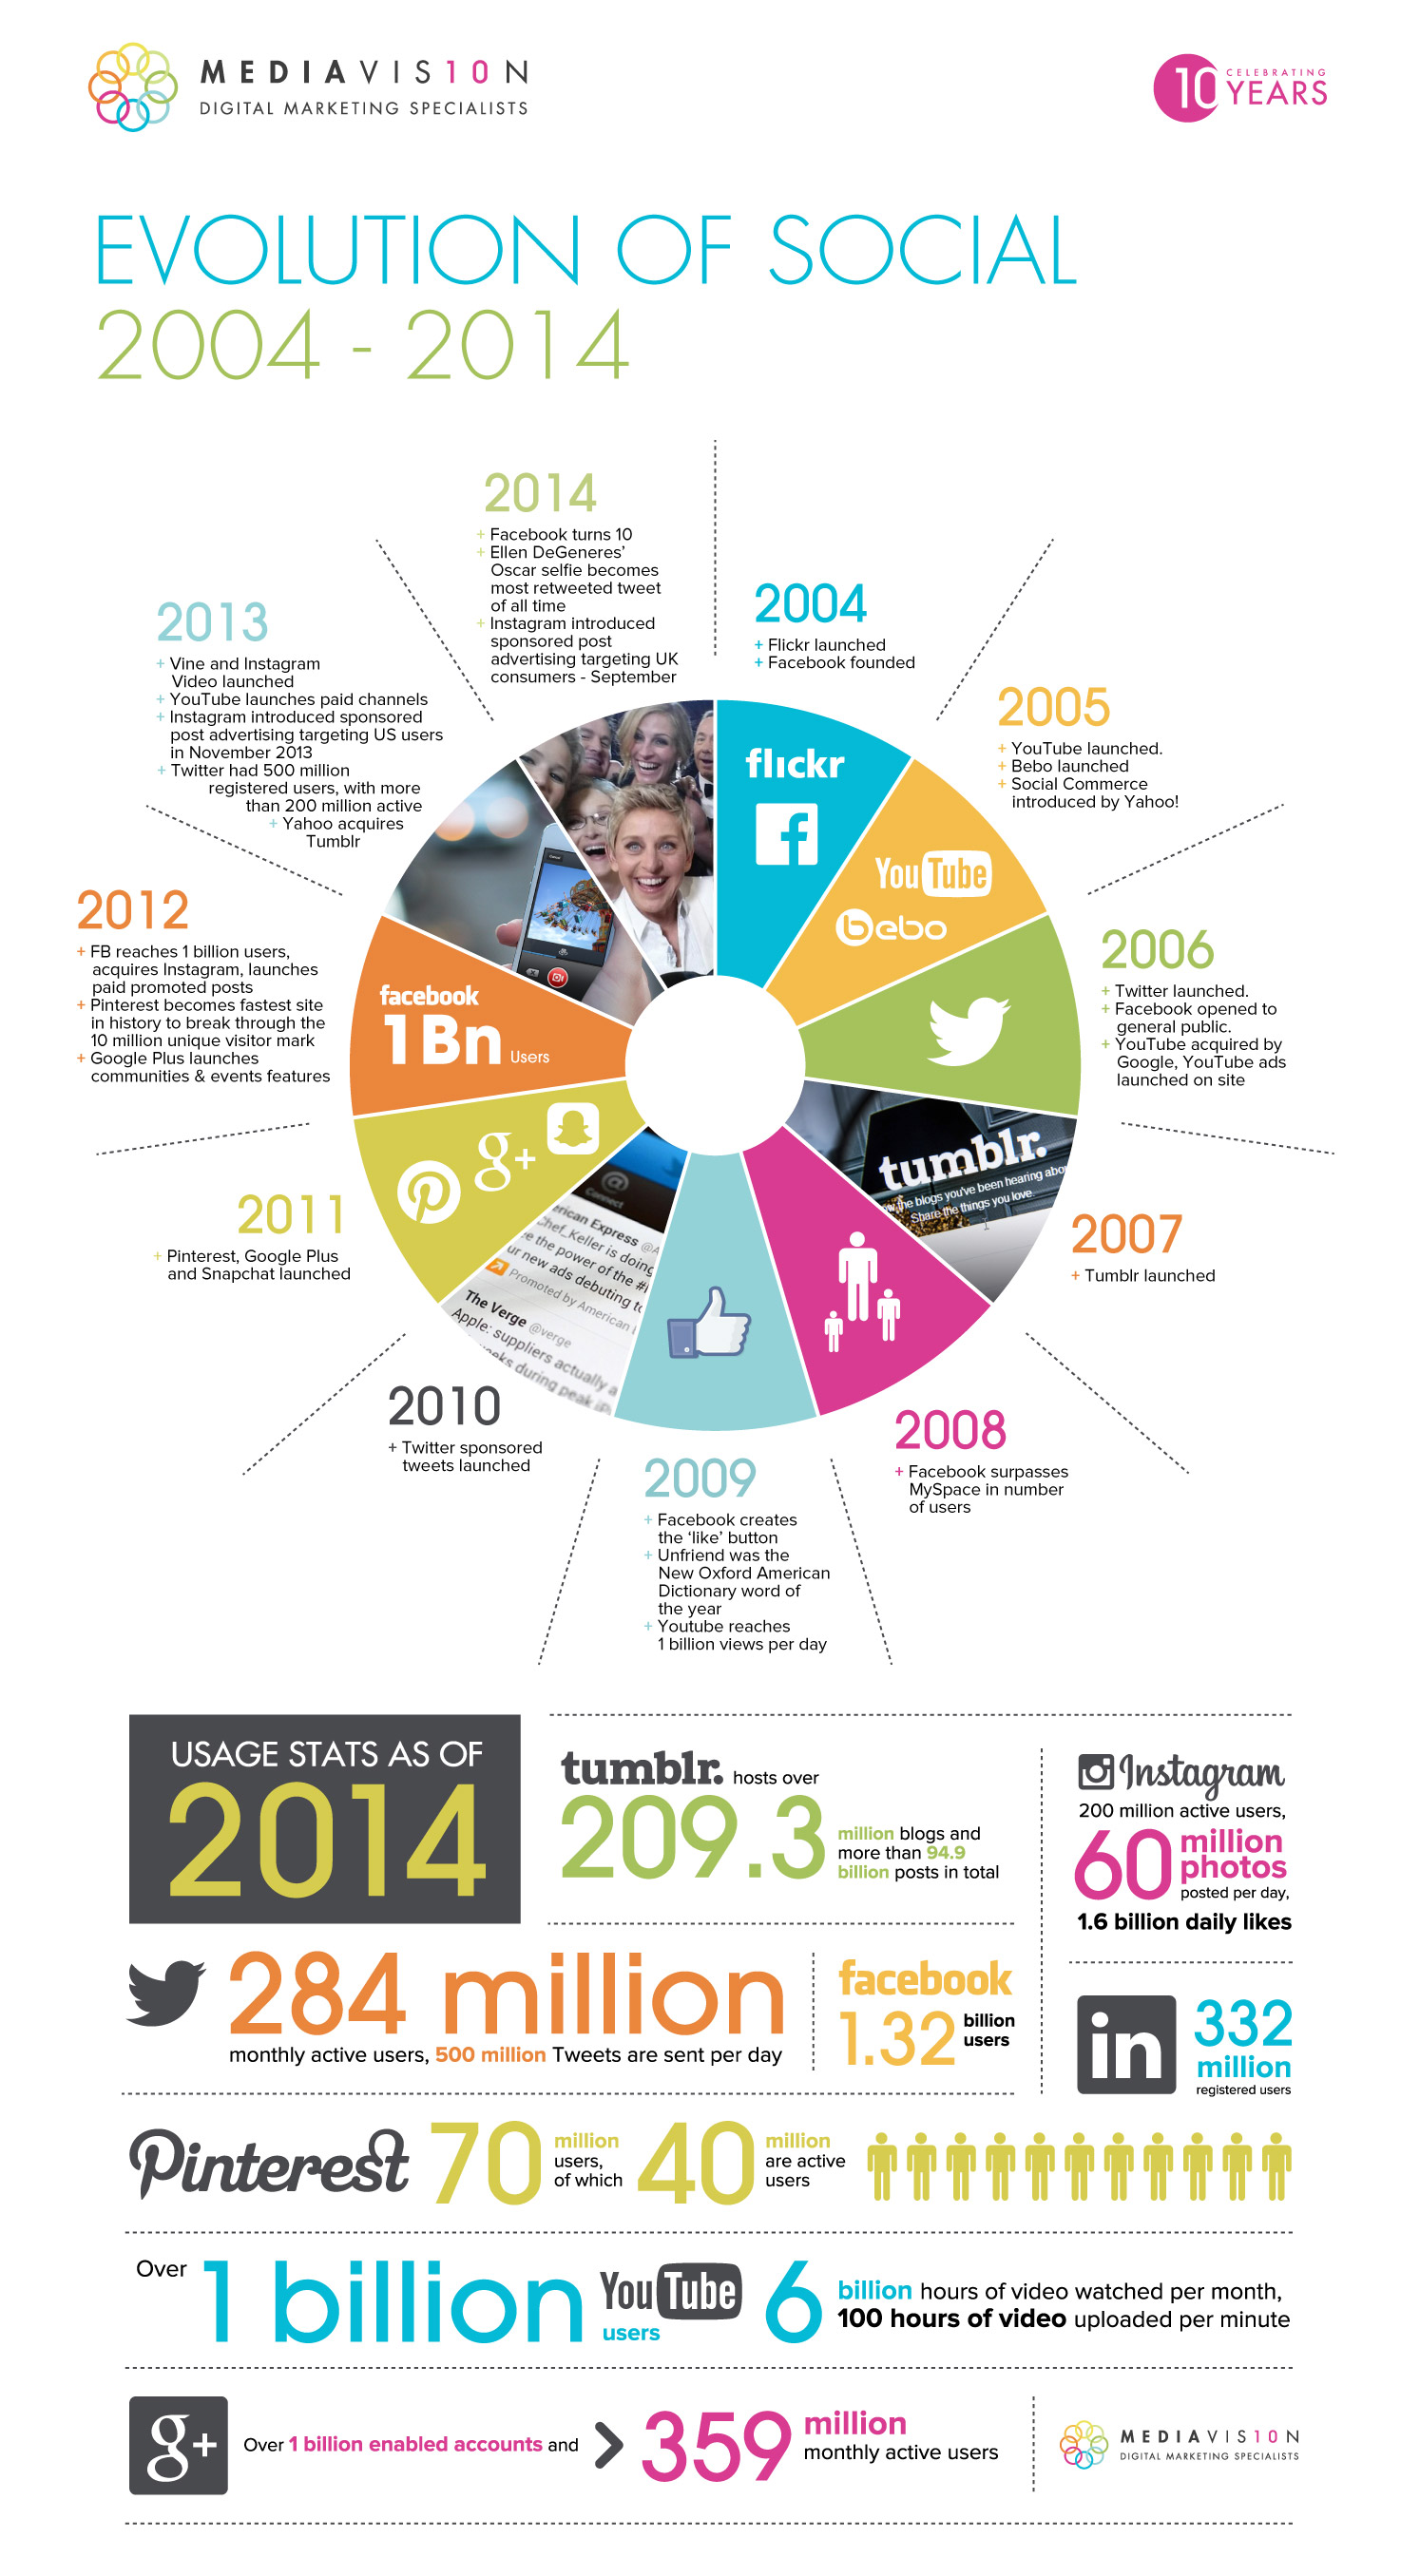 evolution-of-social-media